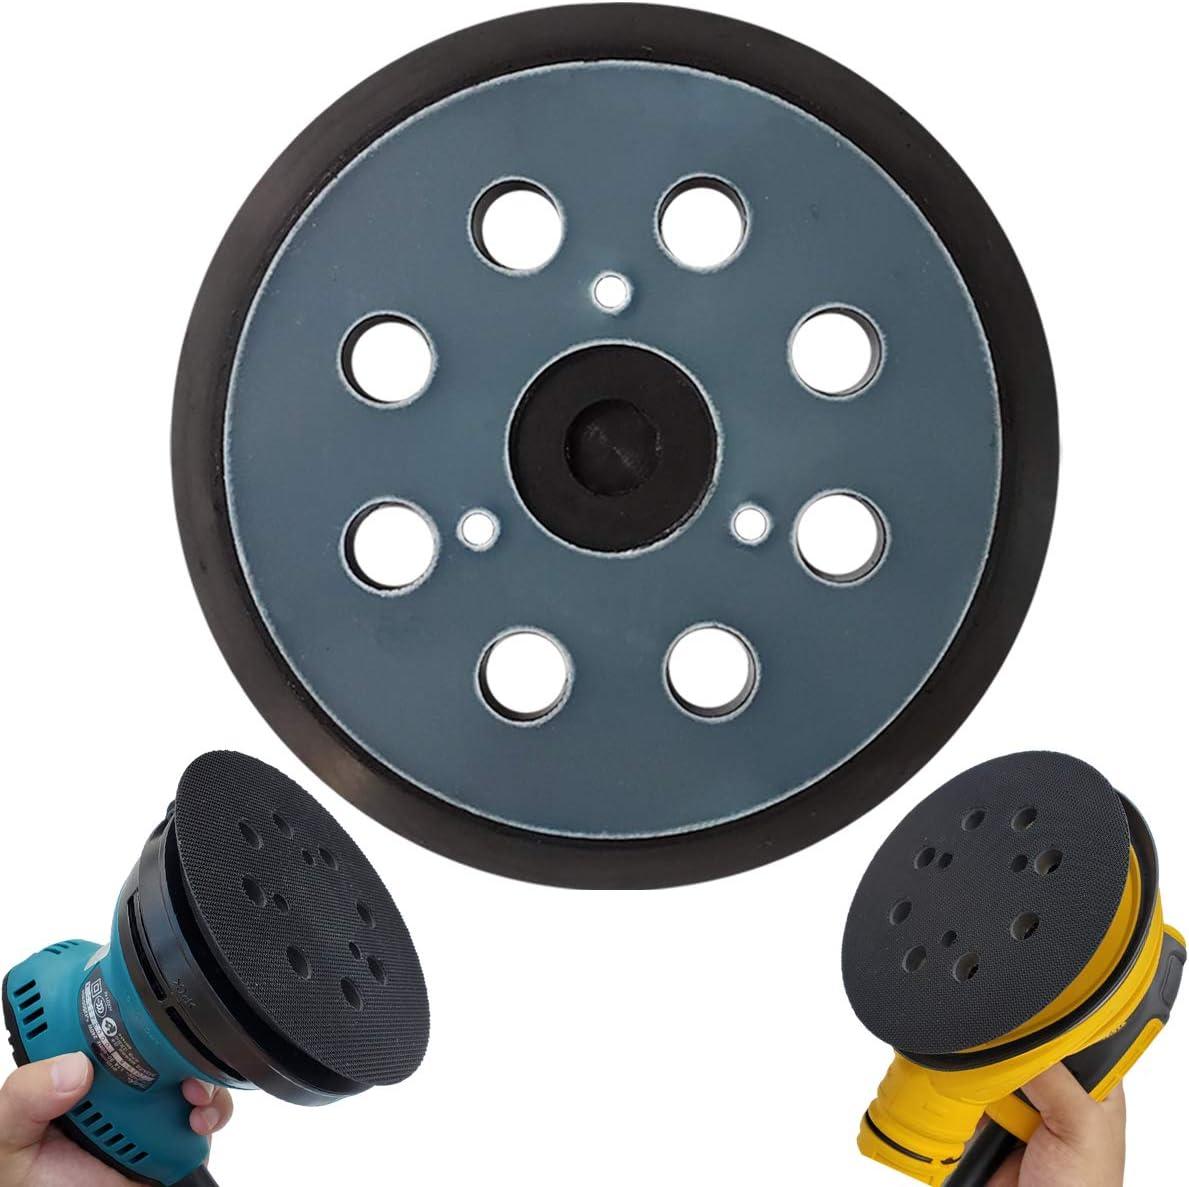 """5"""" Hook & Loop Replacement Sander Pad for DeWalt & Makita - Fit DW420/K, DW421/K, DW422/K, DW423/K, DW426/K, D26450, D26451/K, D26453/K, D26456, Makita BO5010/K, BO5030/K, BO5031/K, BO5041/K"""